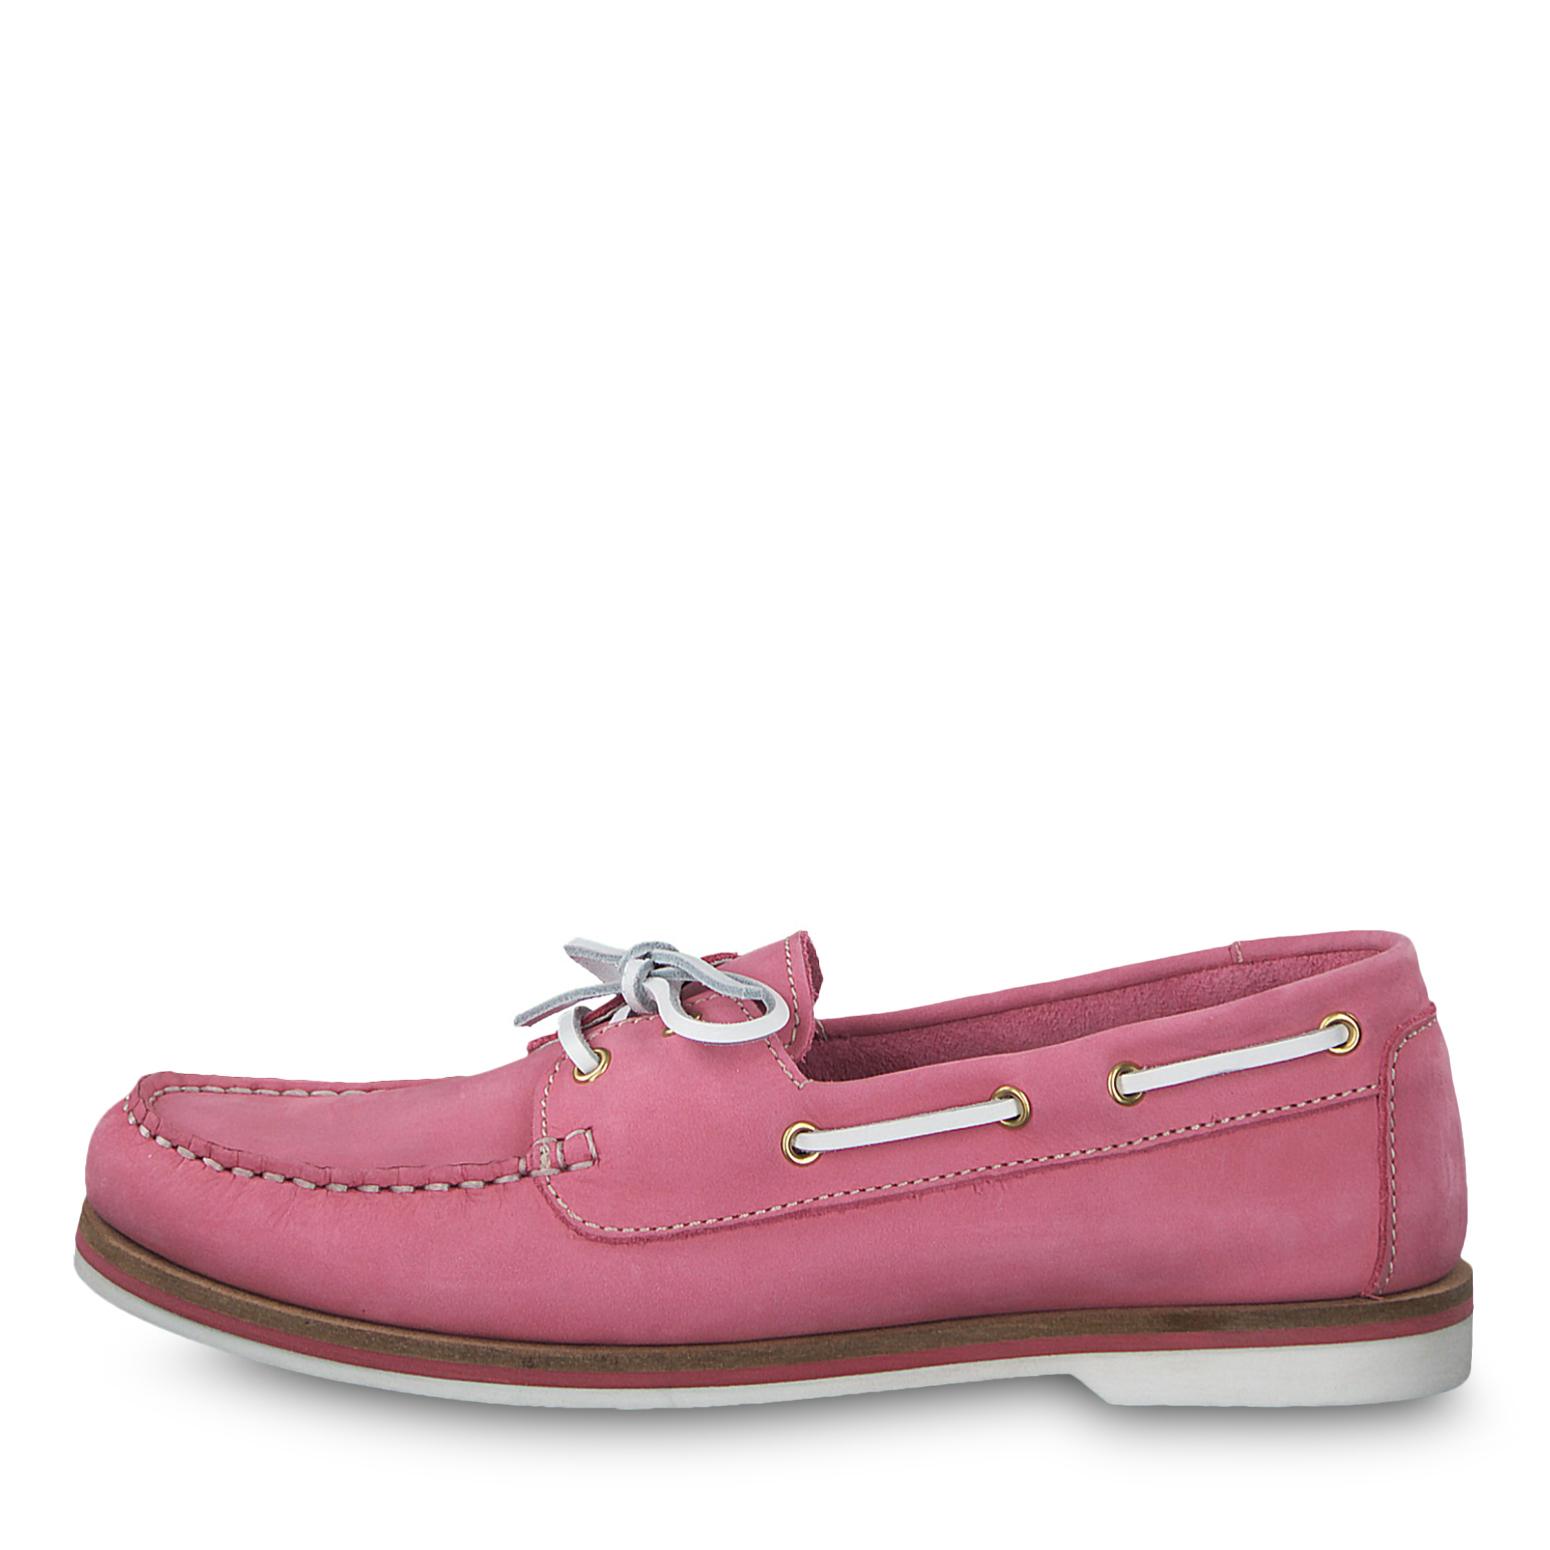 Folk 1 1 23616 20: Tamaris Bootsschuhe online kaufen!